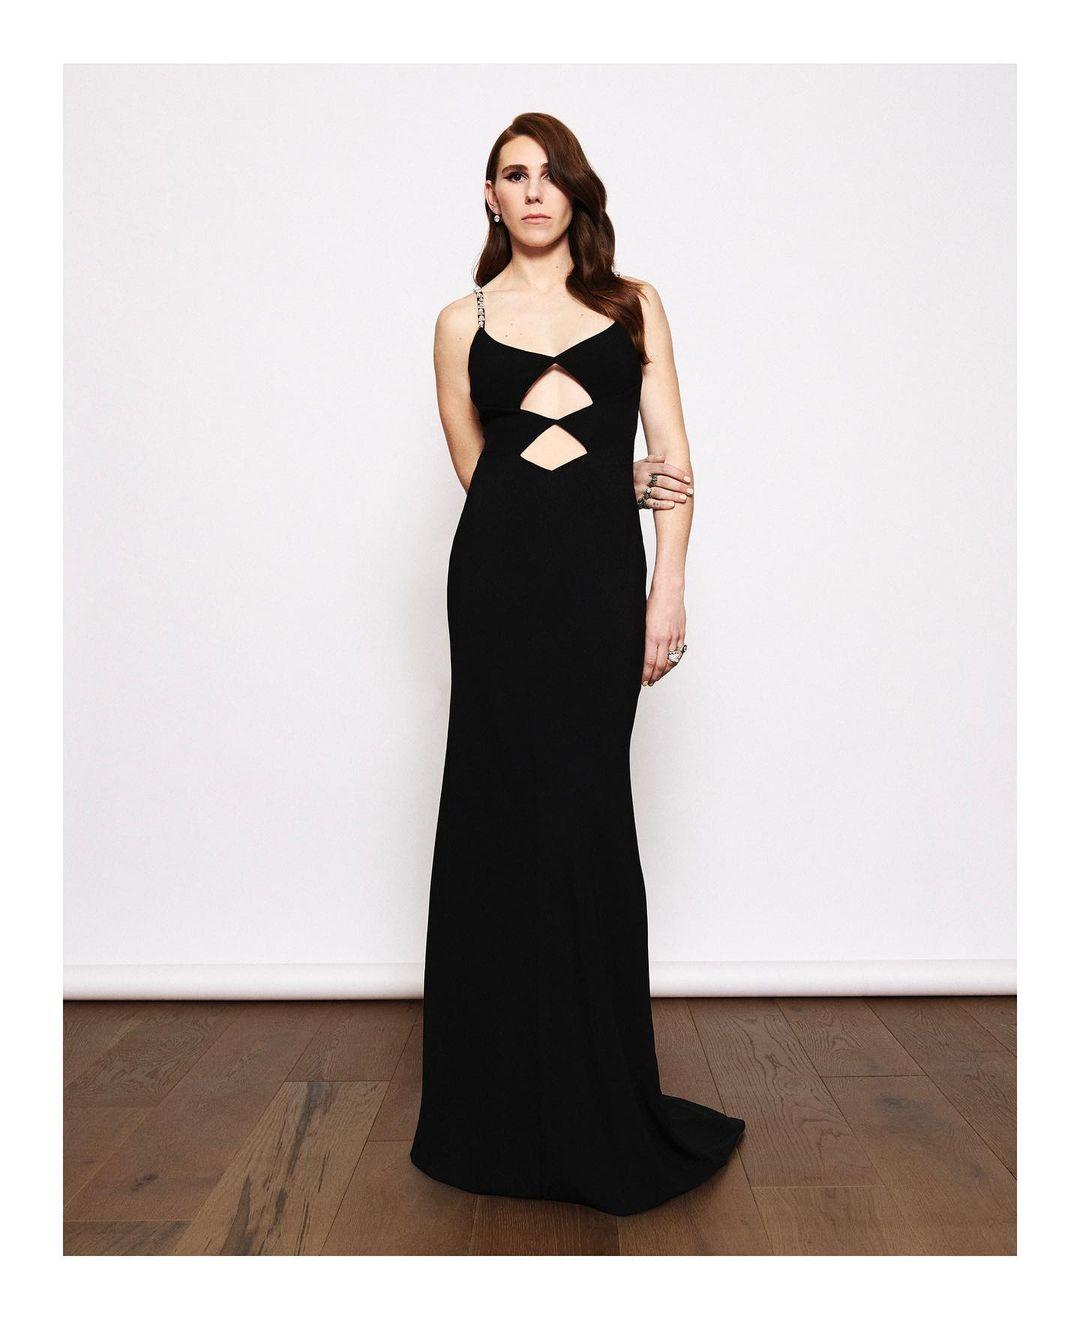 Zosia Mamet llevo un vestido negro con cutouts de Miu Liu